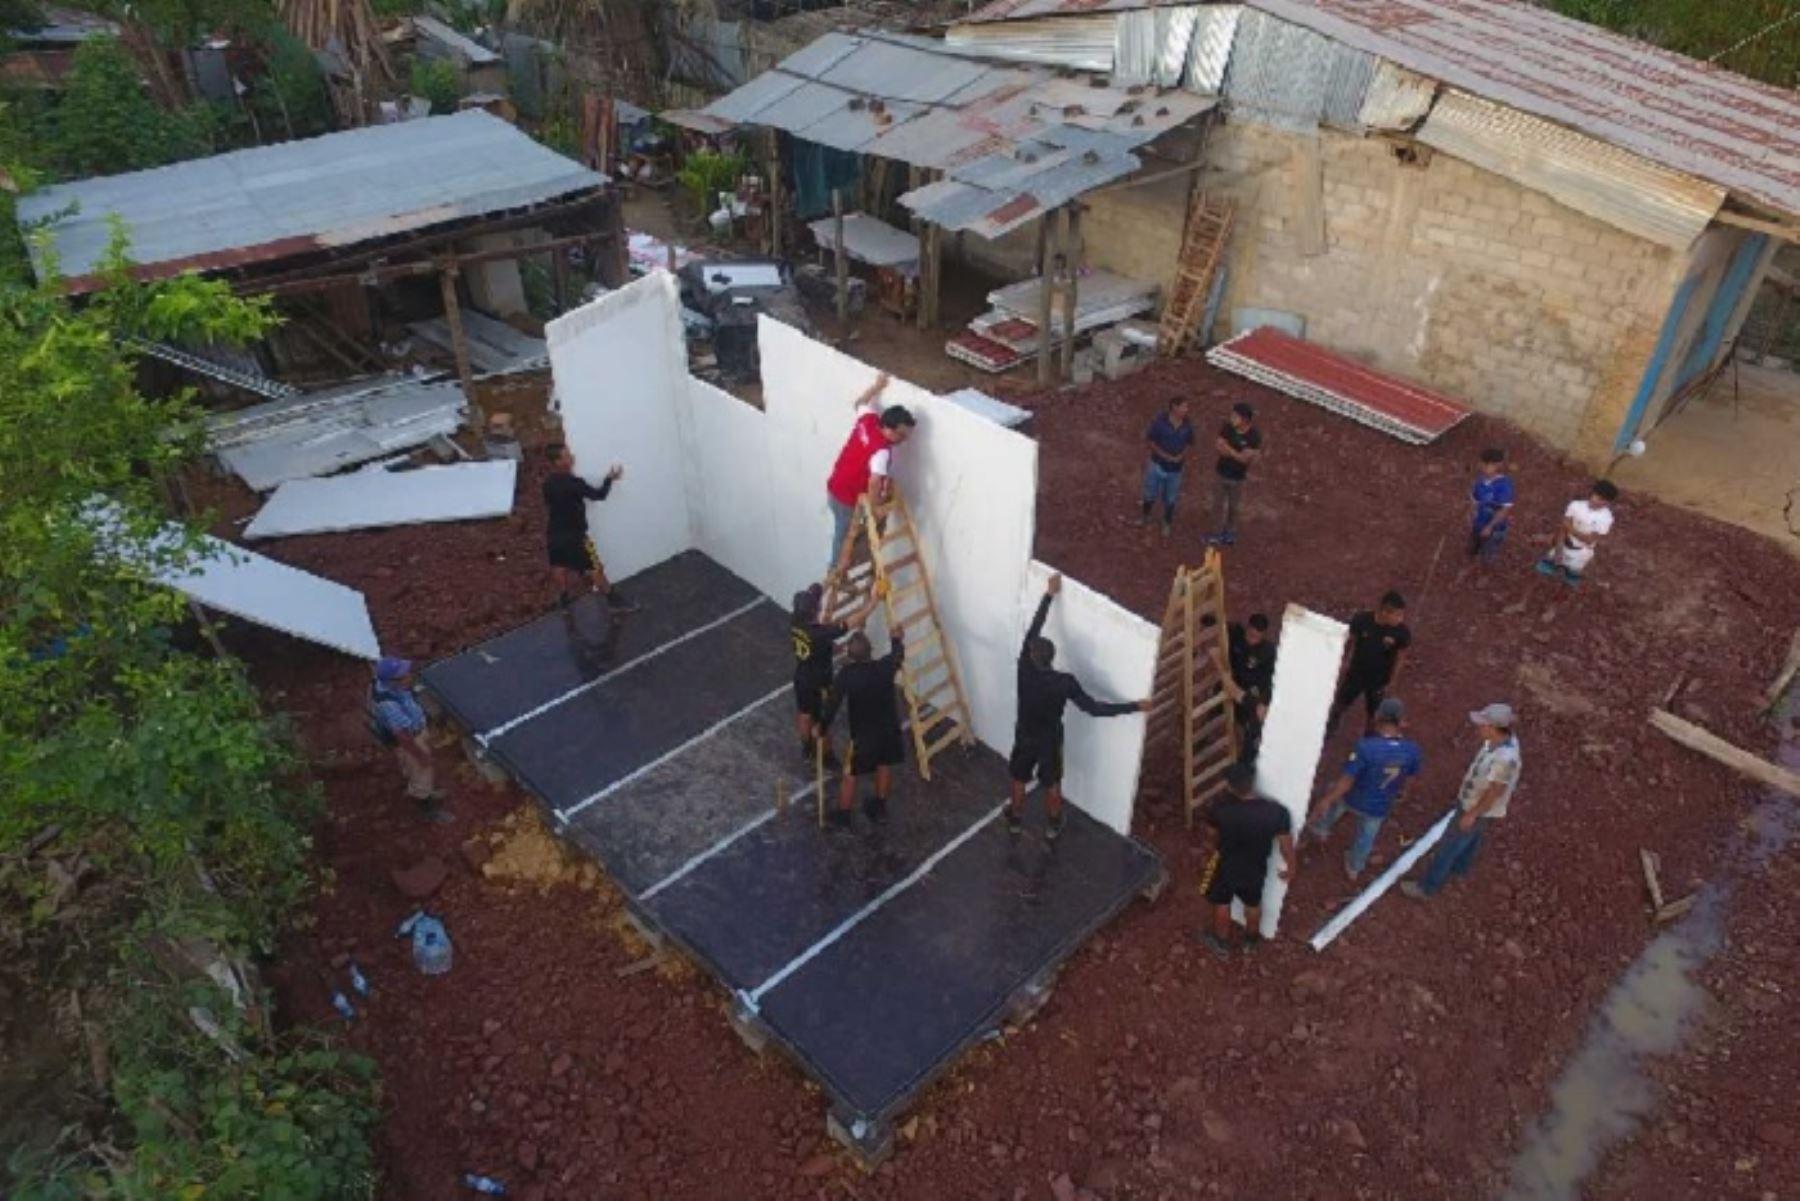 Un total de 138 viviendas de emergencia se instalan, actualmente, en el distrito de Sauce y la provincia de Lamas, departamento de San Martín, además del distrito de Yurimaguas, provincia de Alto Amazonas, en el departamento de Loreto, informó el Ministerio de Vivienda, Construcción y Saneamiento (MVCS).